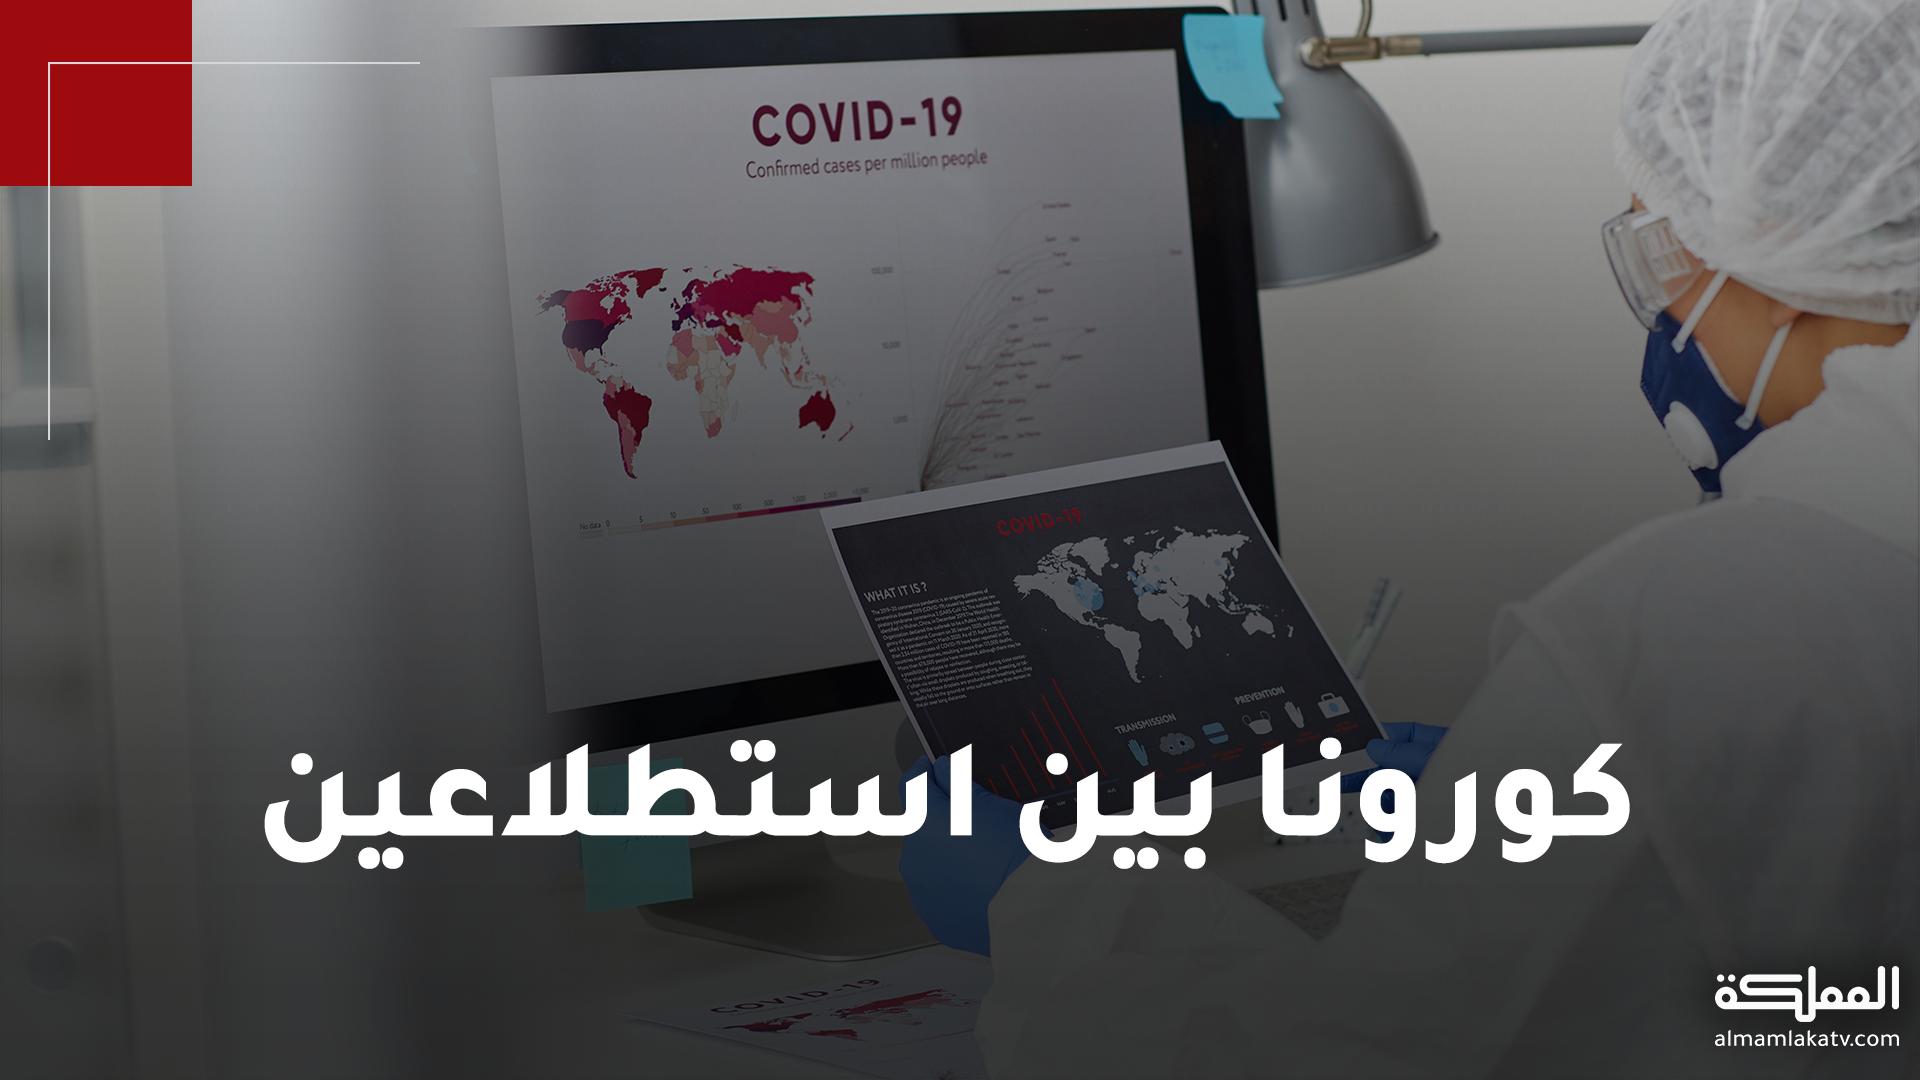 كيف اختلفت توجهات الأردنيين حول أزمة كورونا وتعامل الحكومة معها خلال 6 أشهر؟